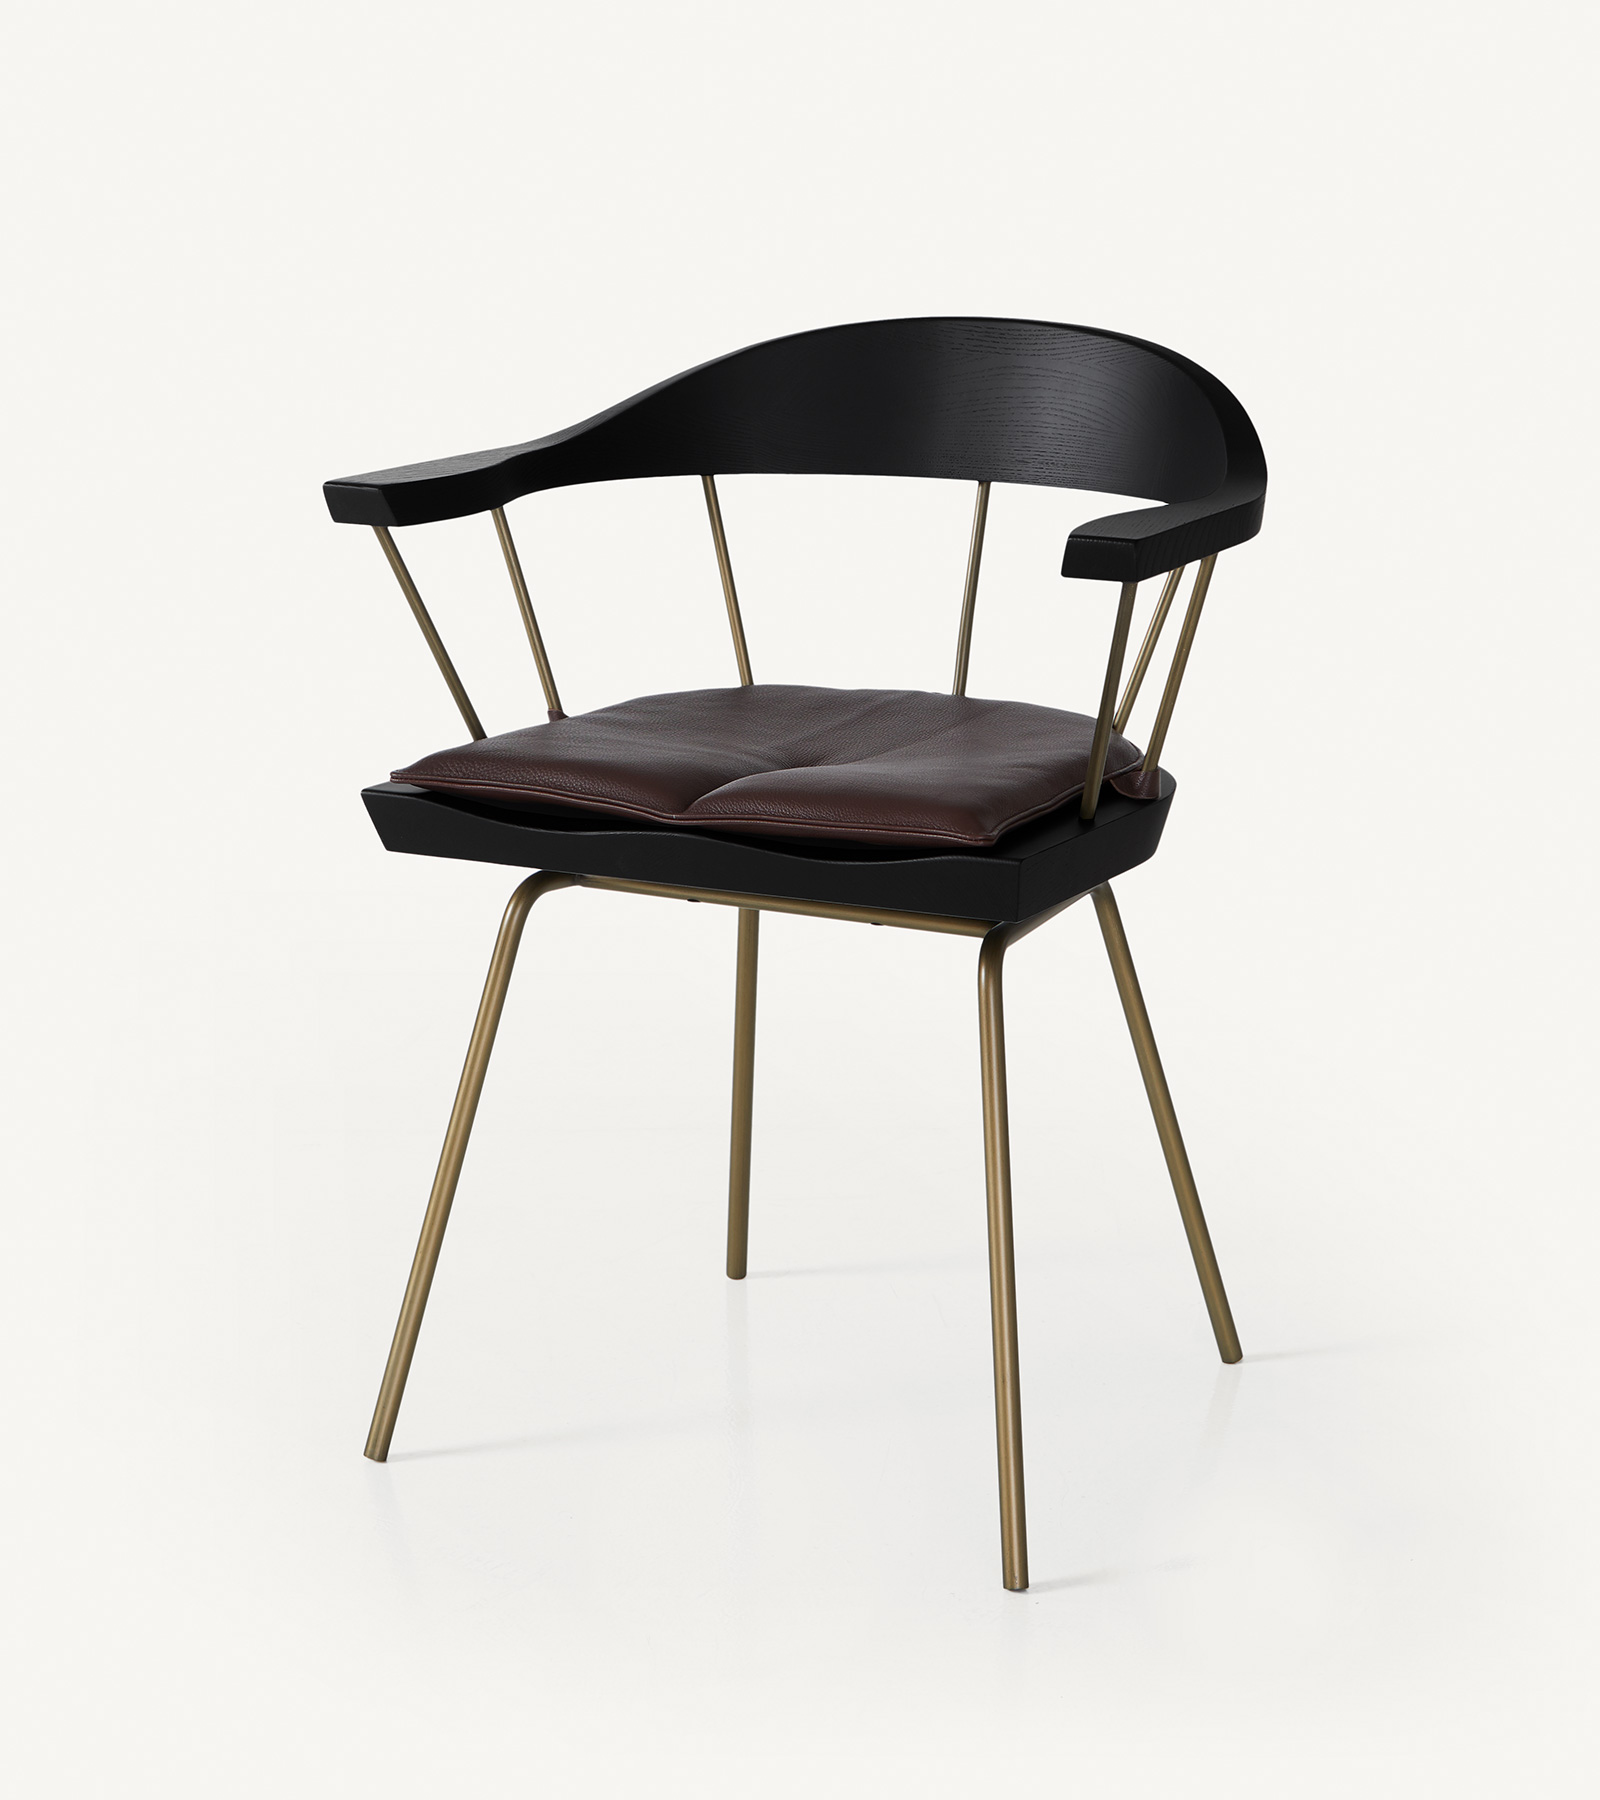 TinnappleMetz-bassamfellows-Spindle-Side-Chair-01